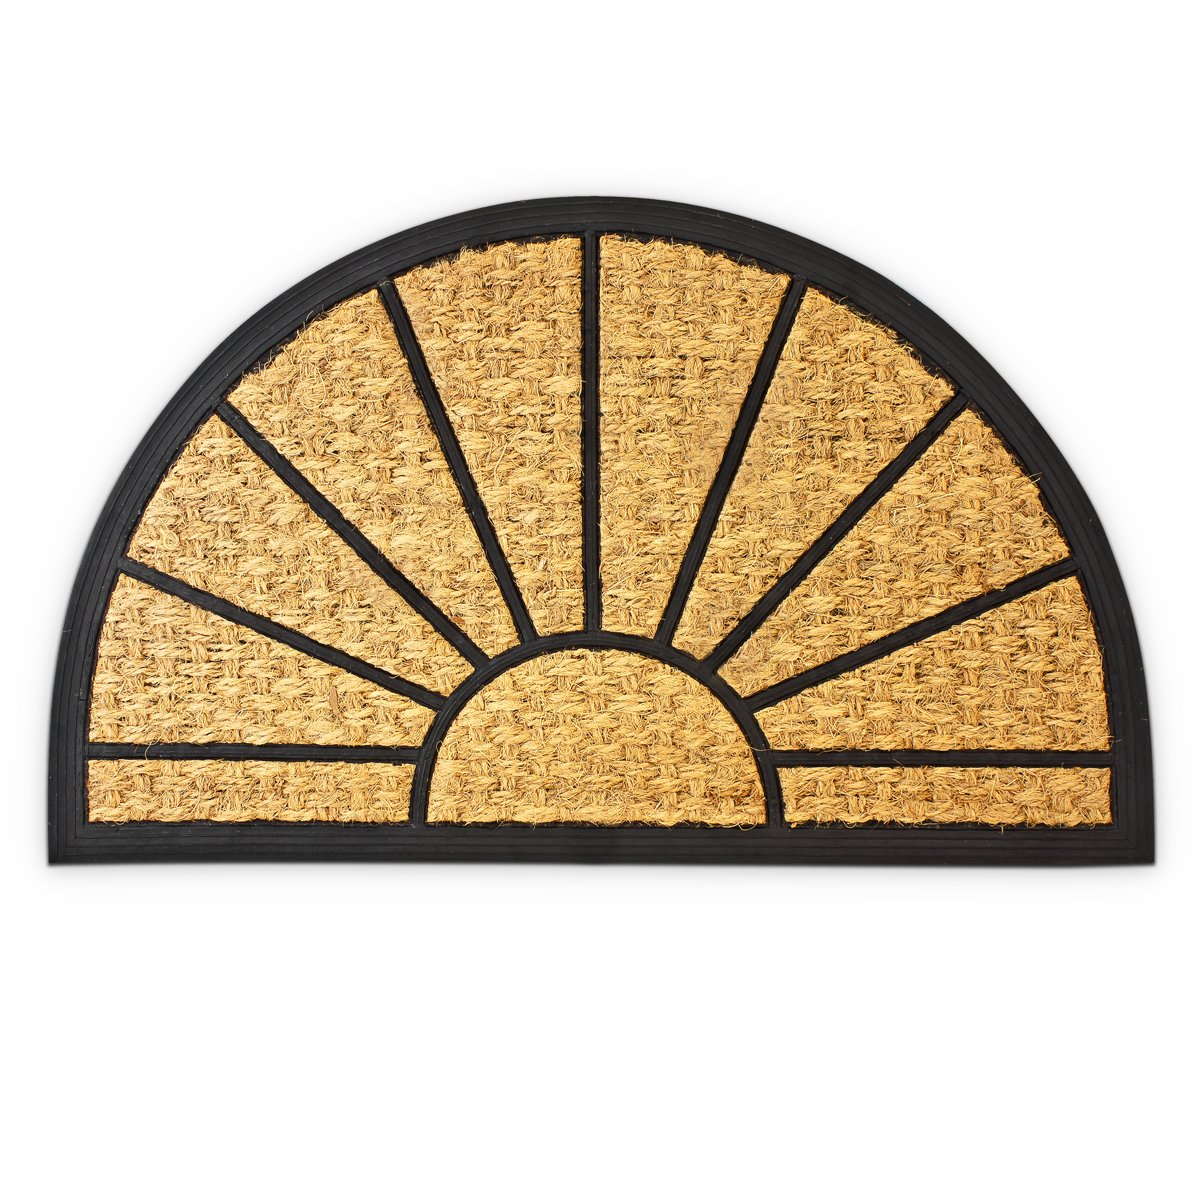 Relaxdays – Felpudo semicircular para la Entrada de su hogar Hecho de Fibras de Coco y PVC con Medidas 75 x 45 cm Antideslizante Elemento Decorativo, Color Natural 10016743